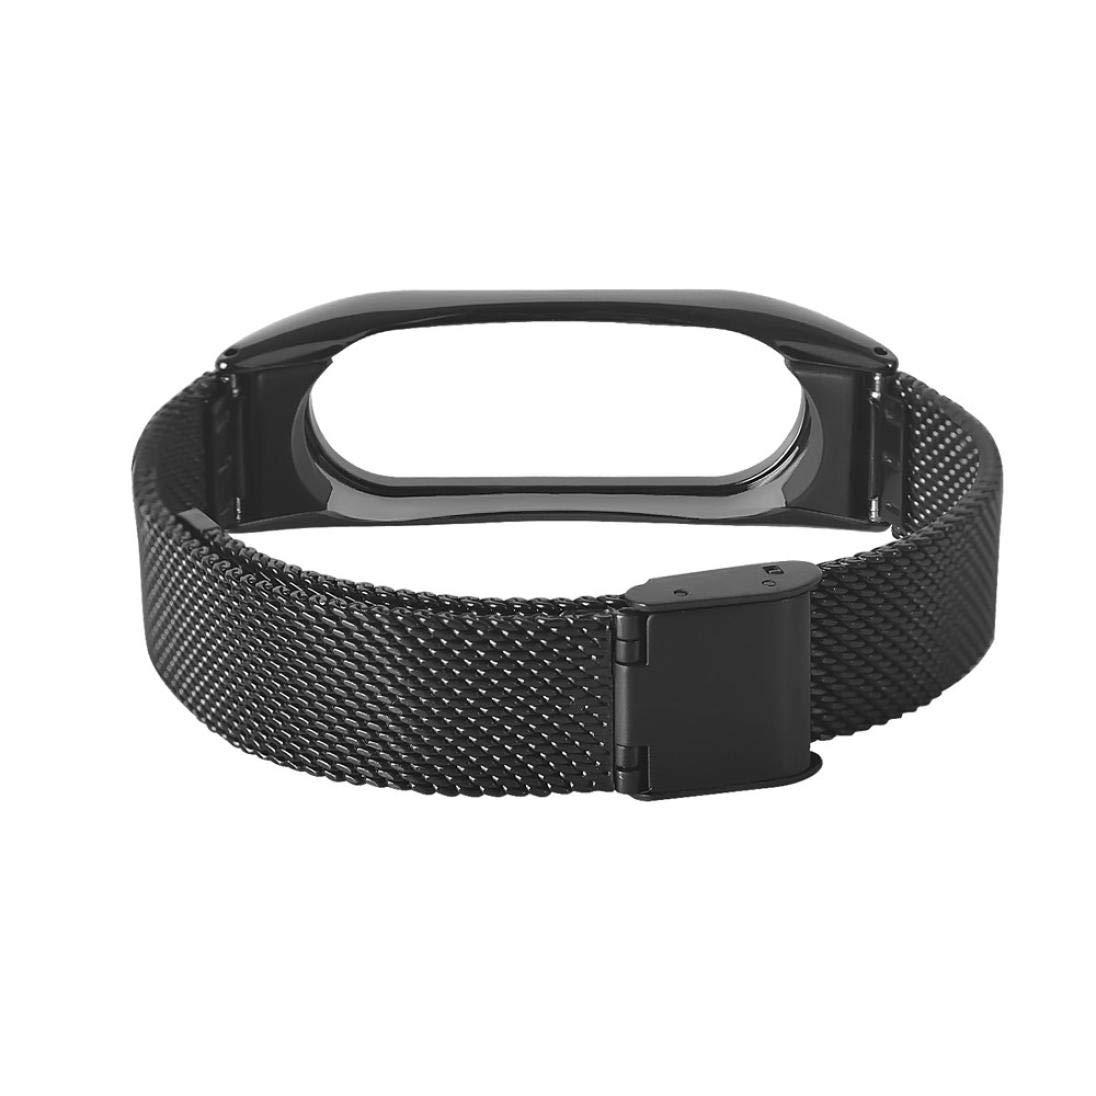 Correas xiaomi Band 2, ☀️Modaworld Pulsera Ligera de Acero Inoxidable de Moda Correa de Reloj Inteligente Correa de Repuesto para Xiaomi MI Band 2 ...